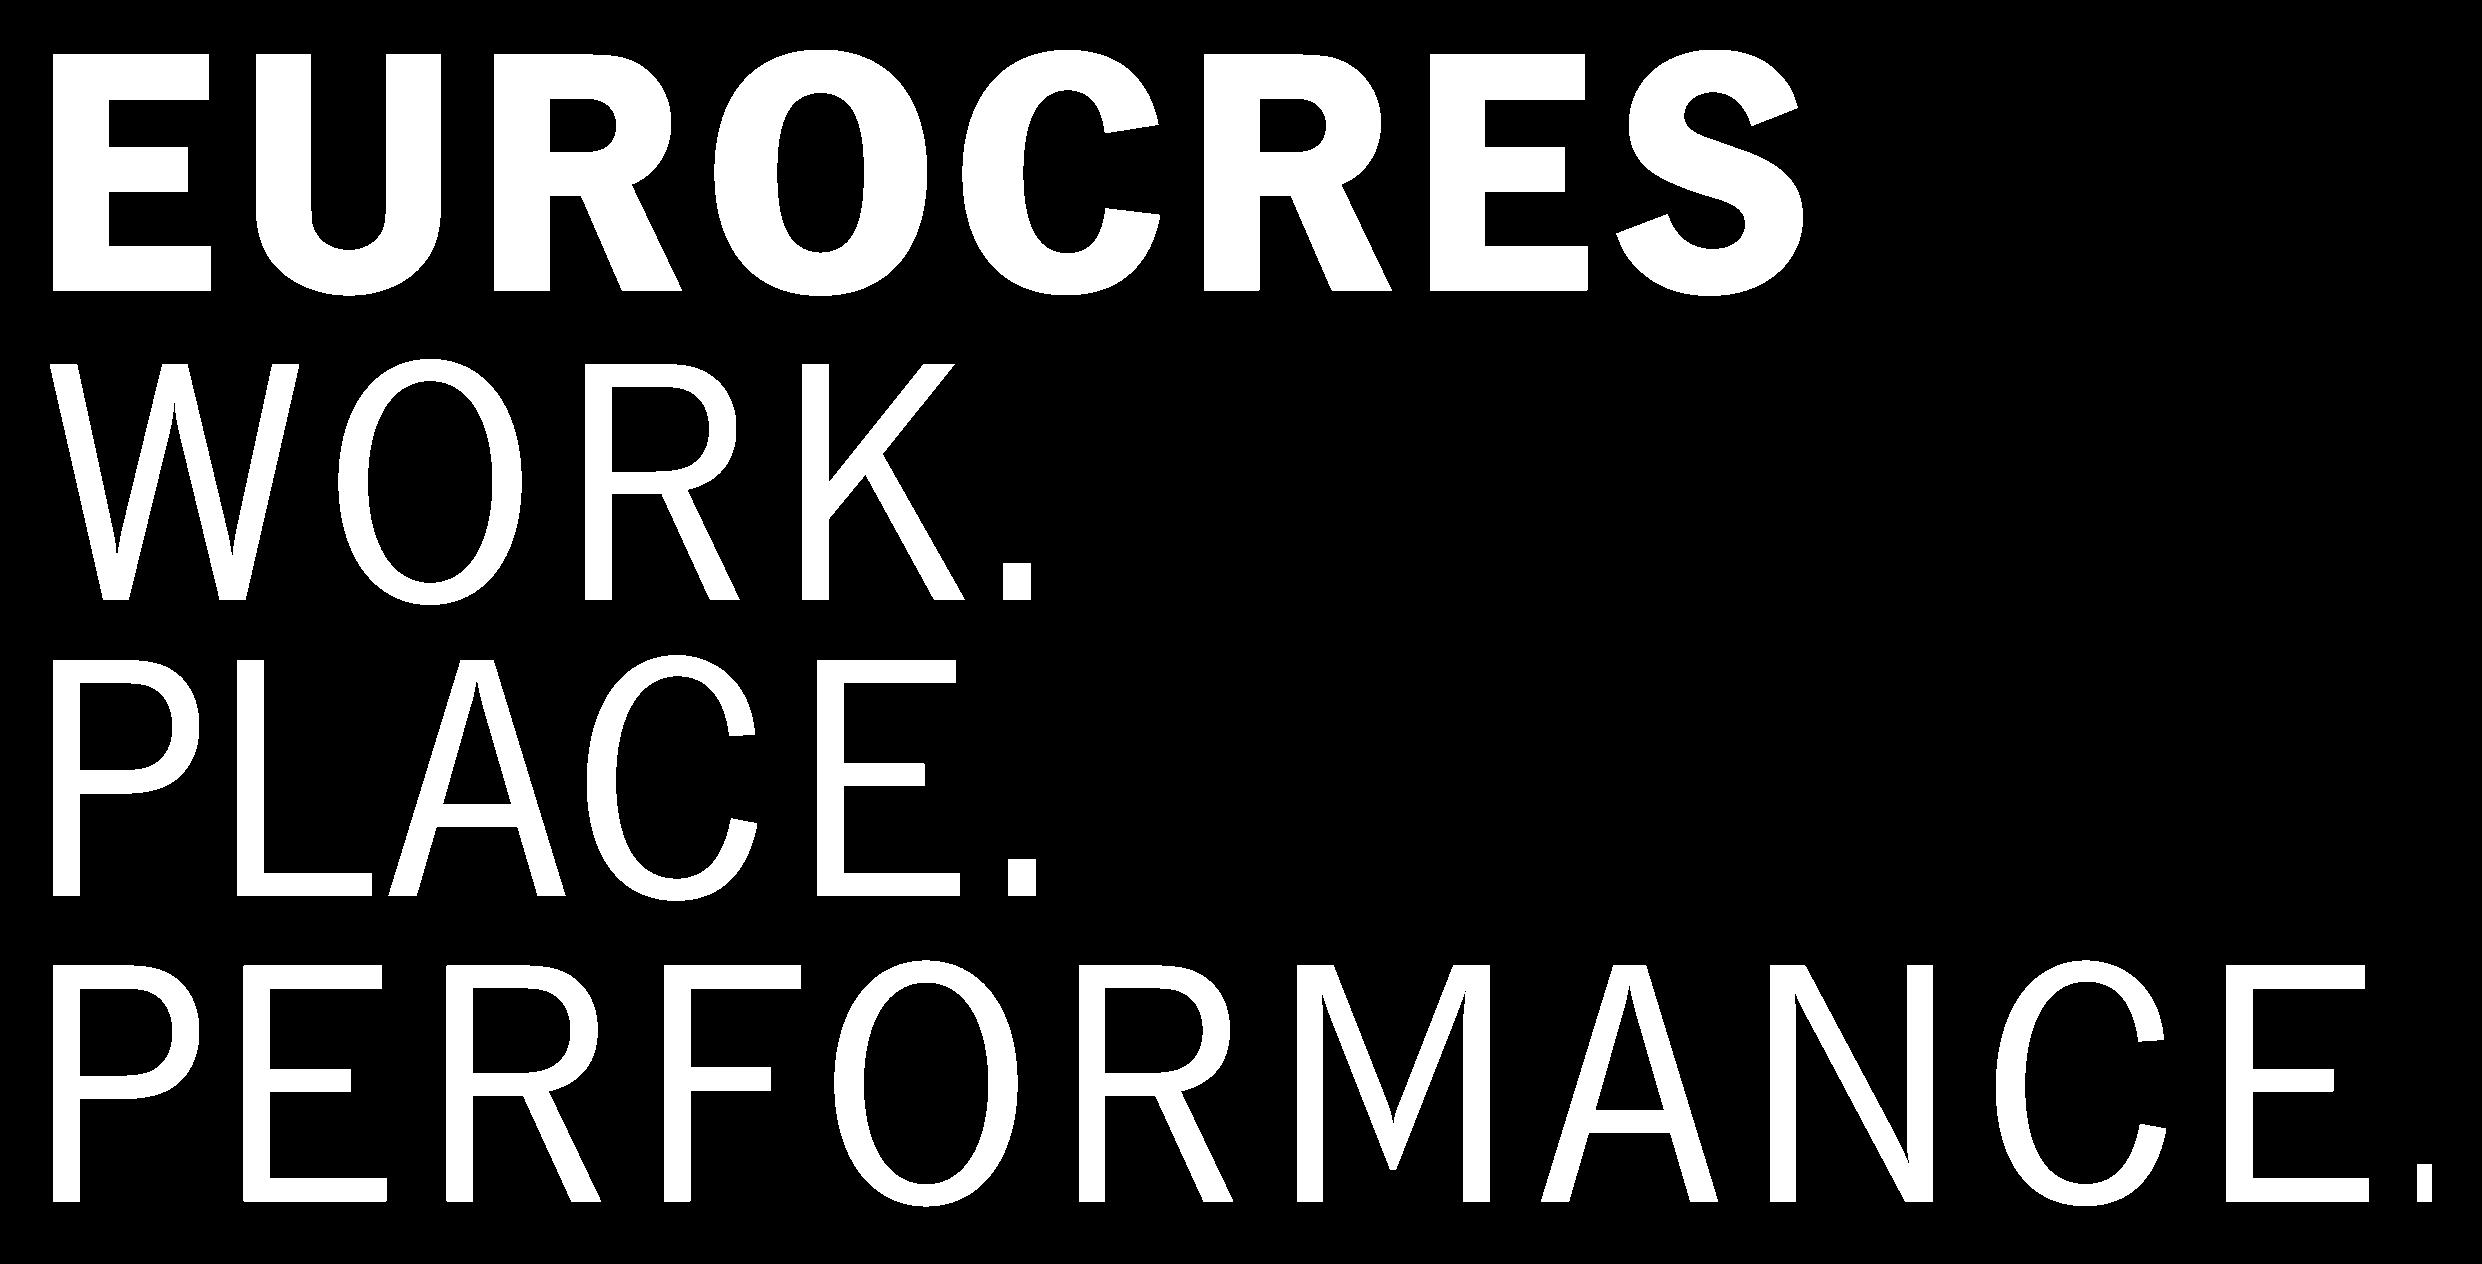 Eurocres